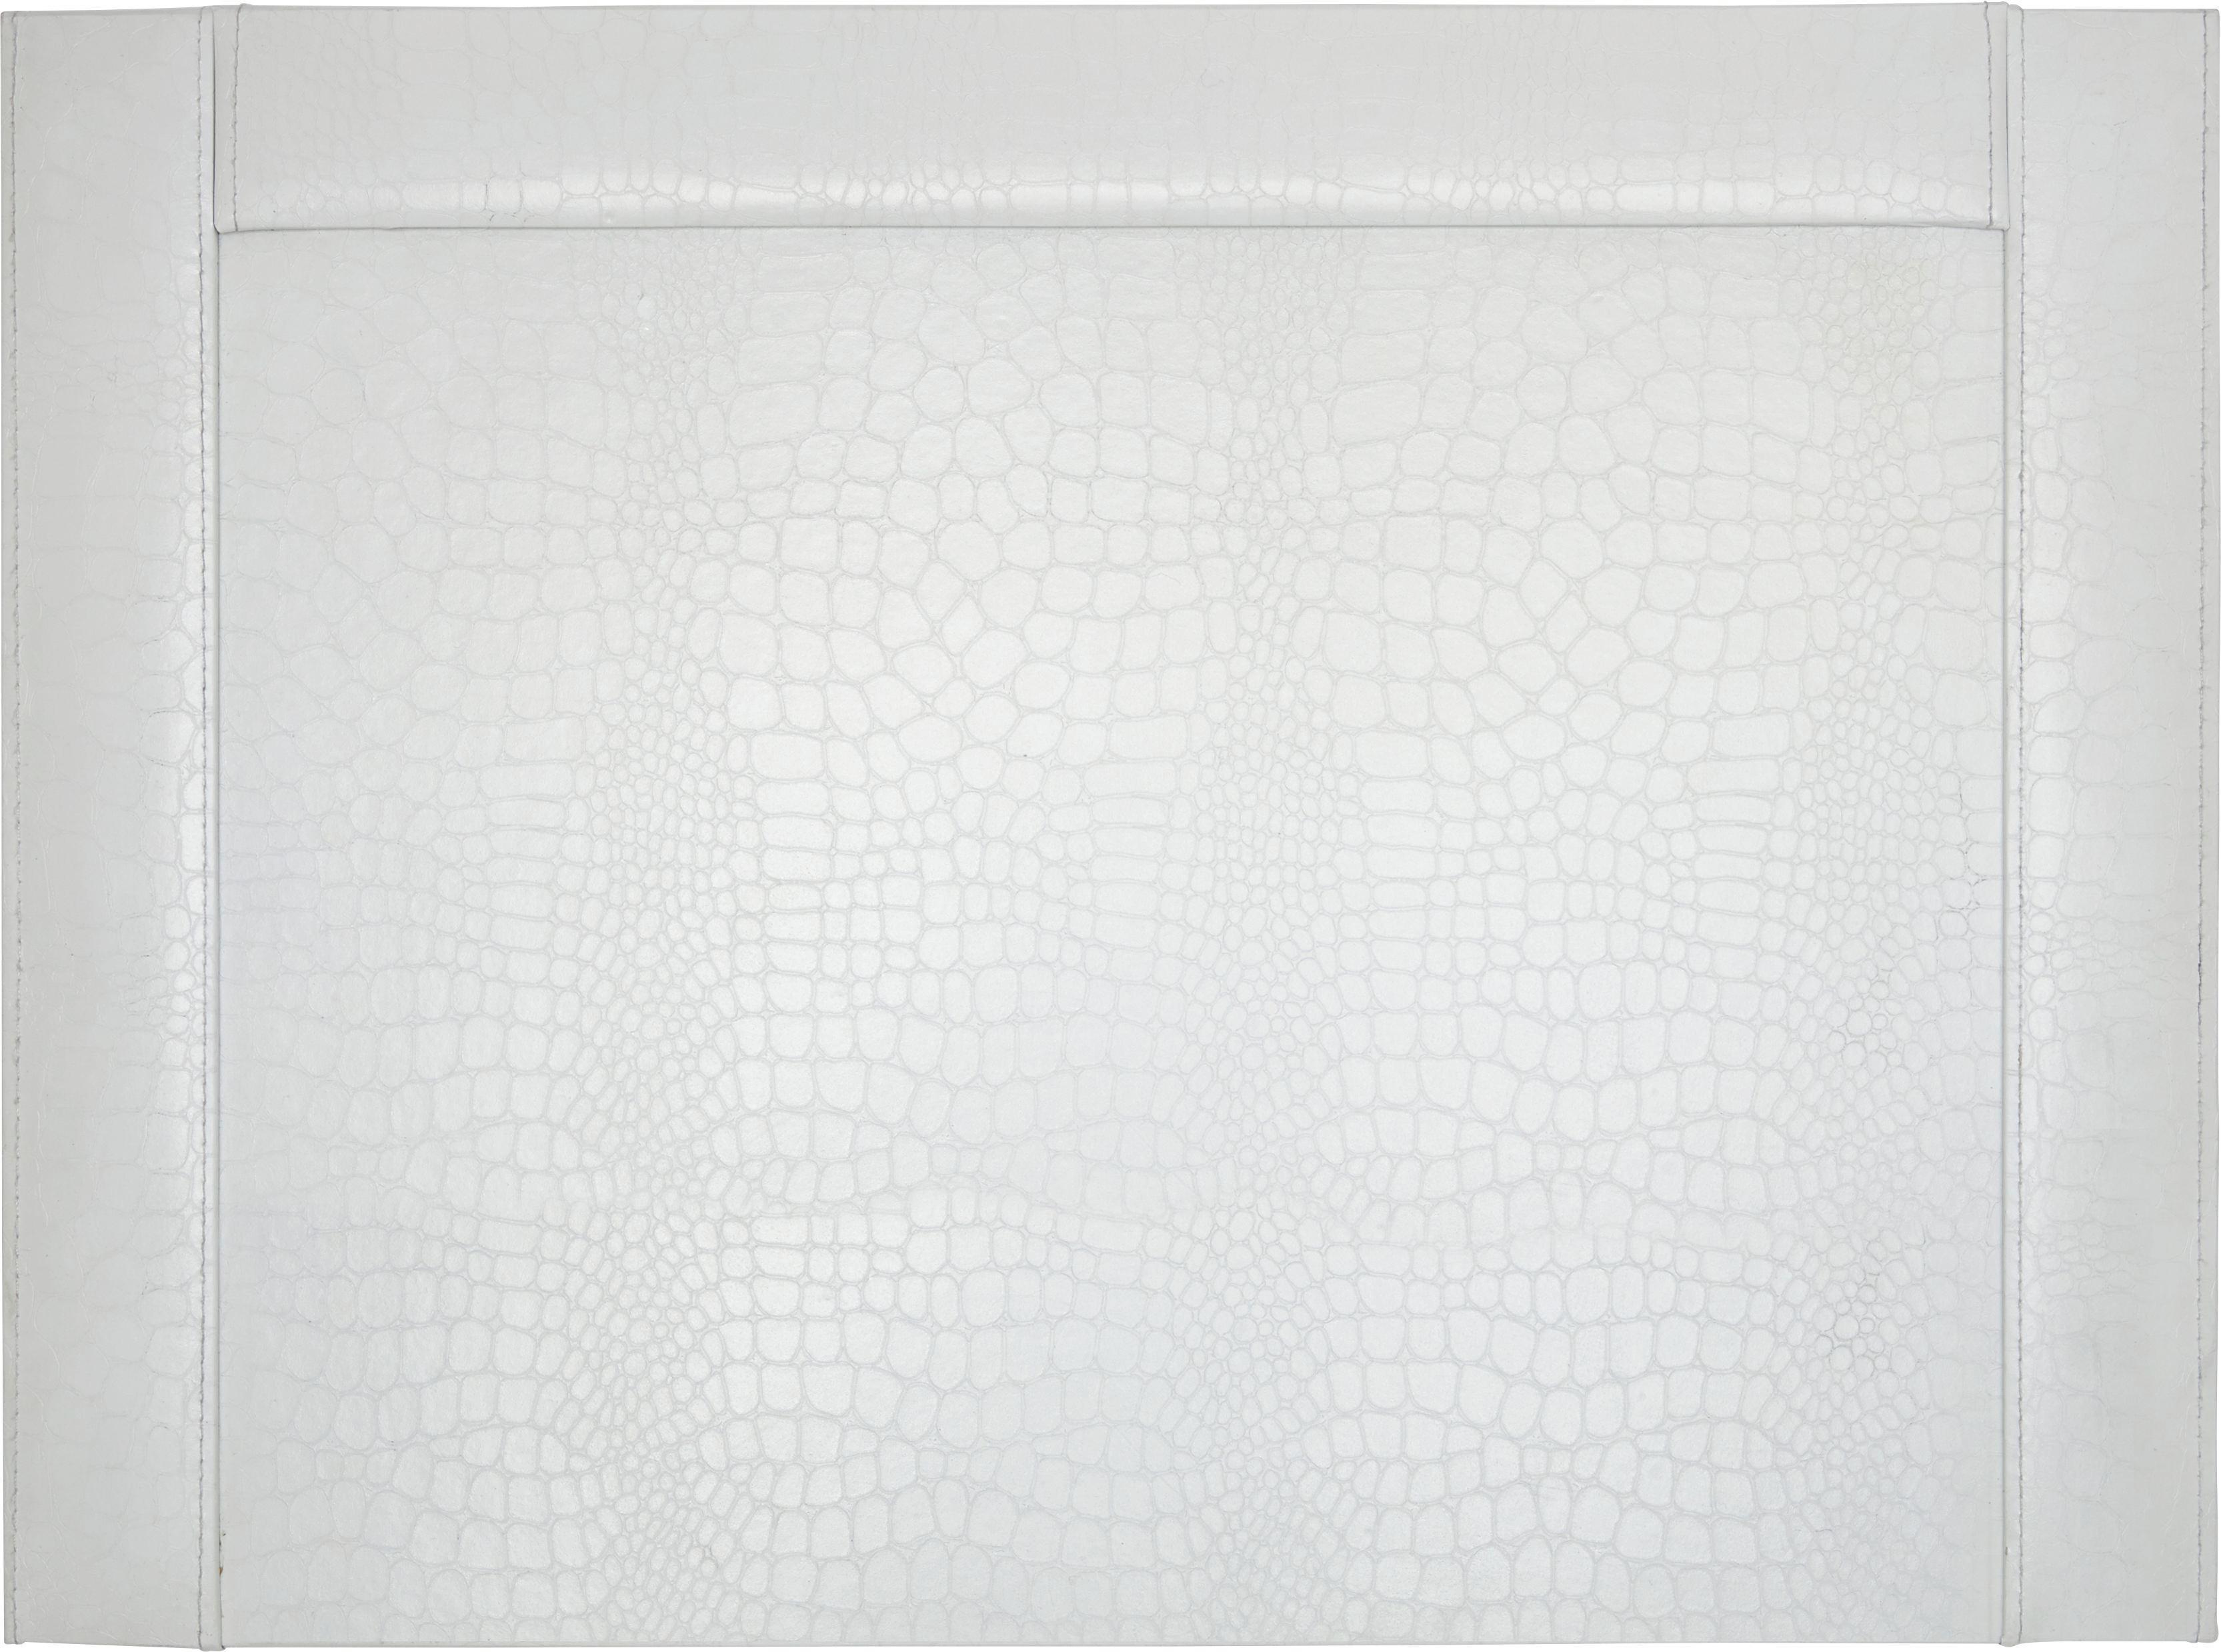 Íróalátét Krokodilbőr Hatás - fehér, Lifestyle, karton (52/0,8/38cm) - MÖMAX modern living